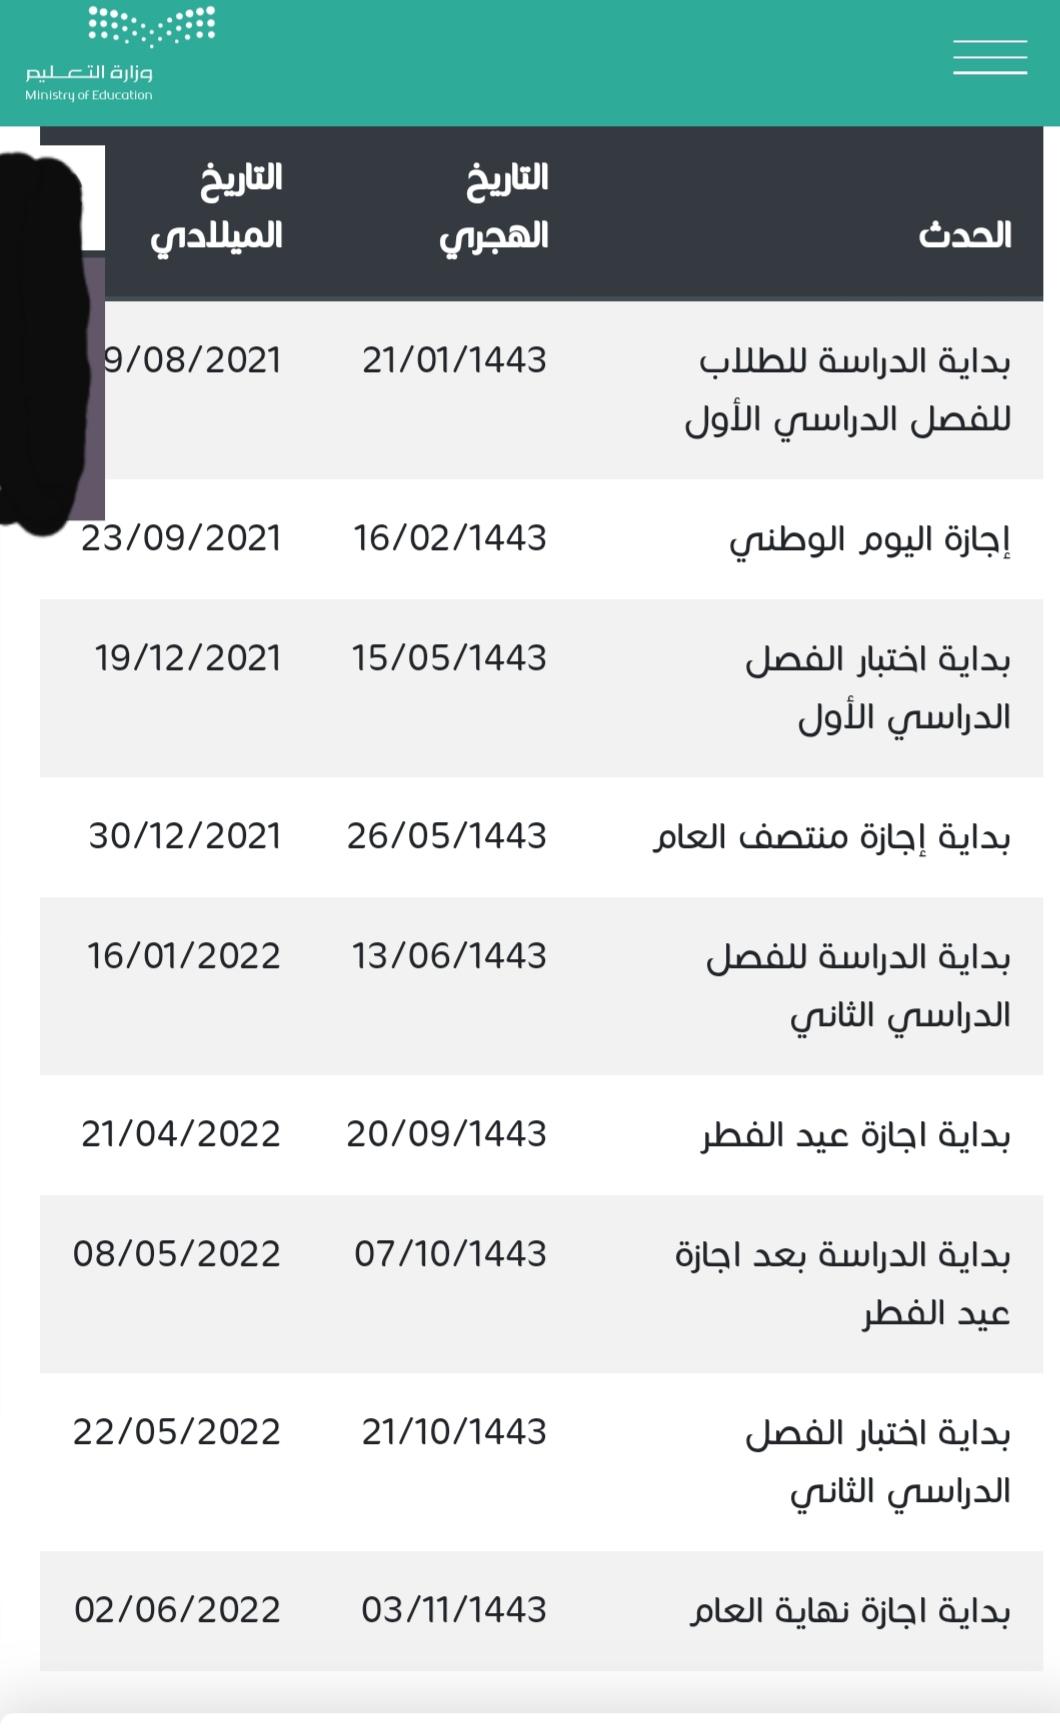 وزارة التعليم السعودية وتحويل العام الدراسي إلى ثلاثة فصول1443 الجدول المقترح